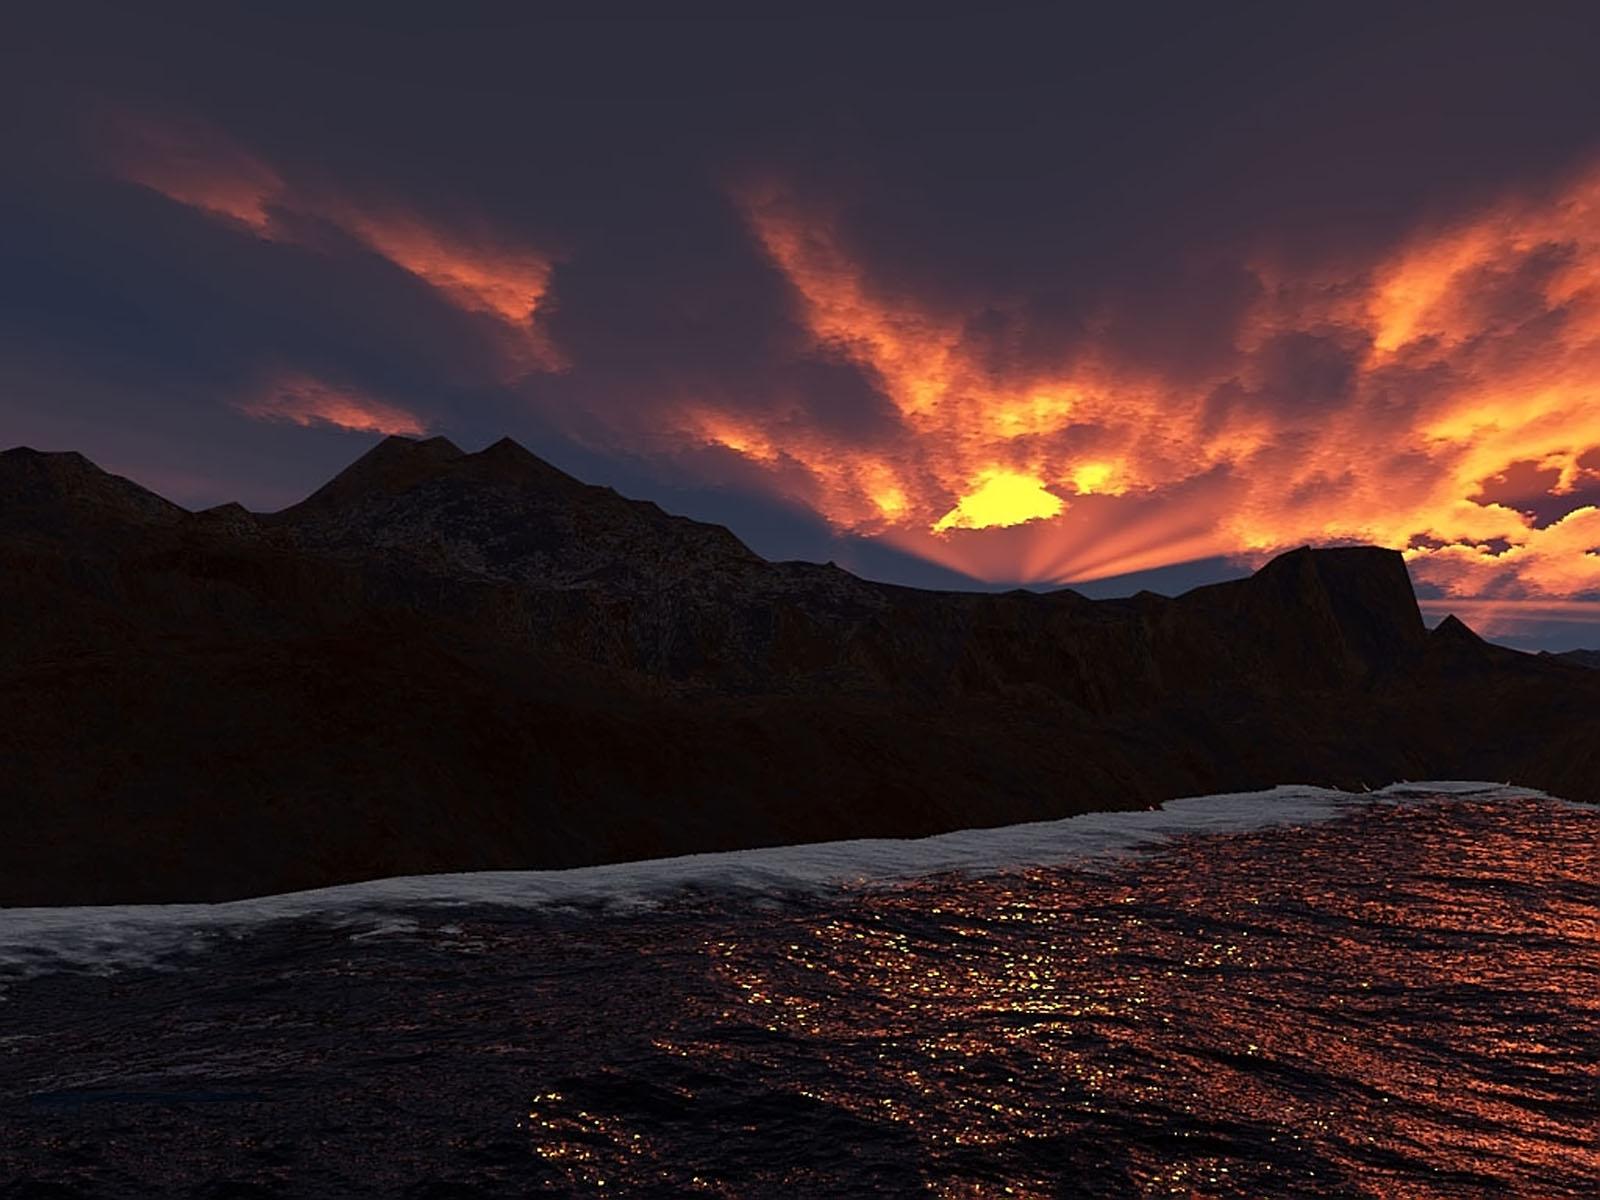 SUNSET, 3d, Bspo06, Landscape, Mountain, HQ Photo